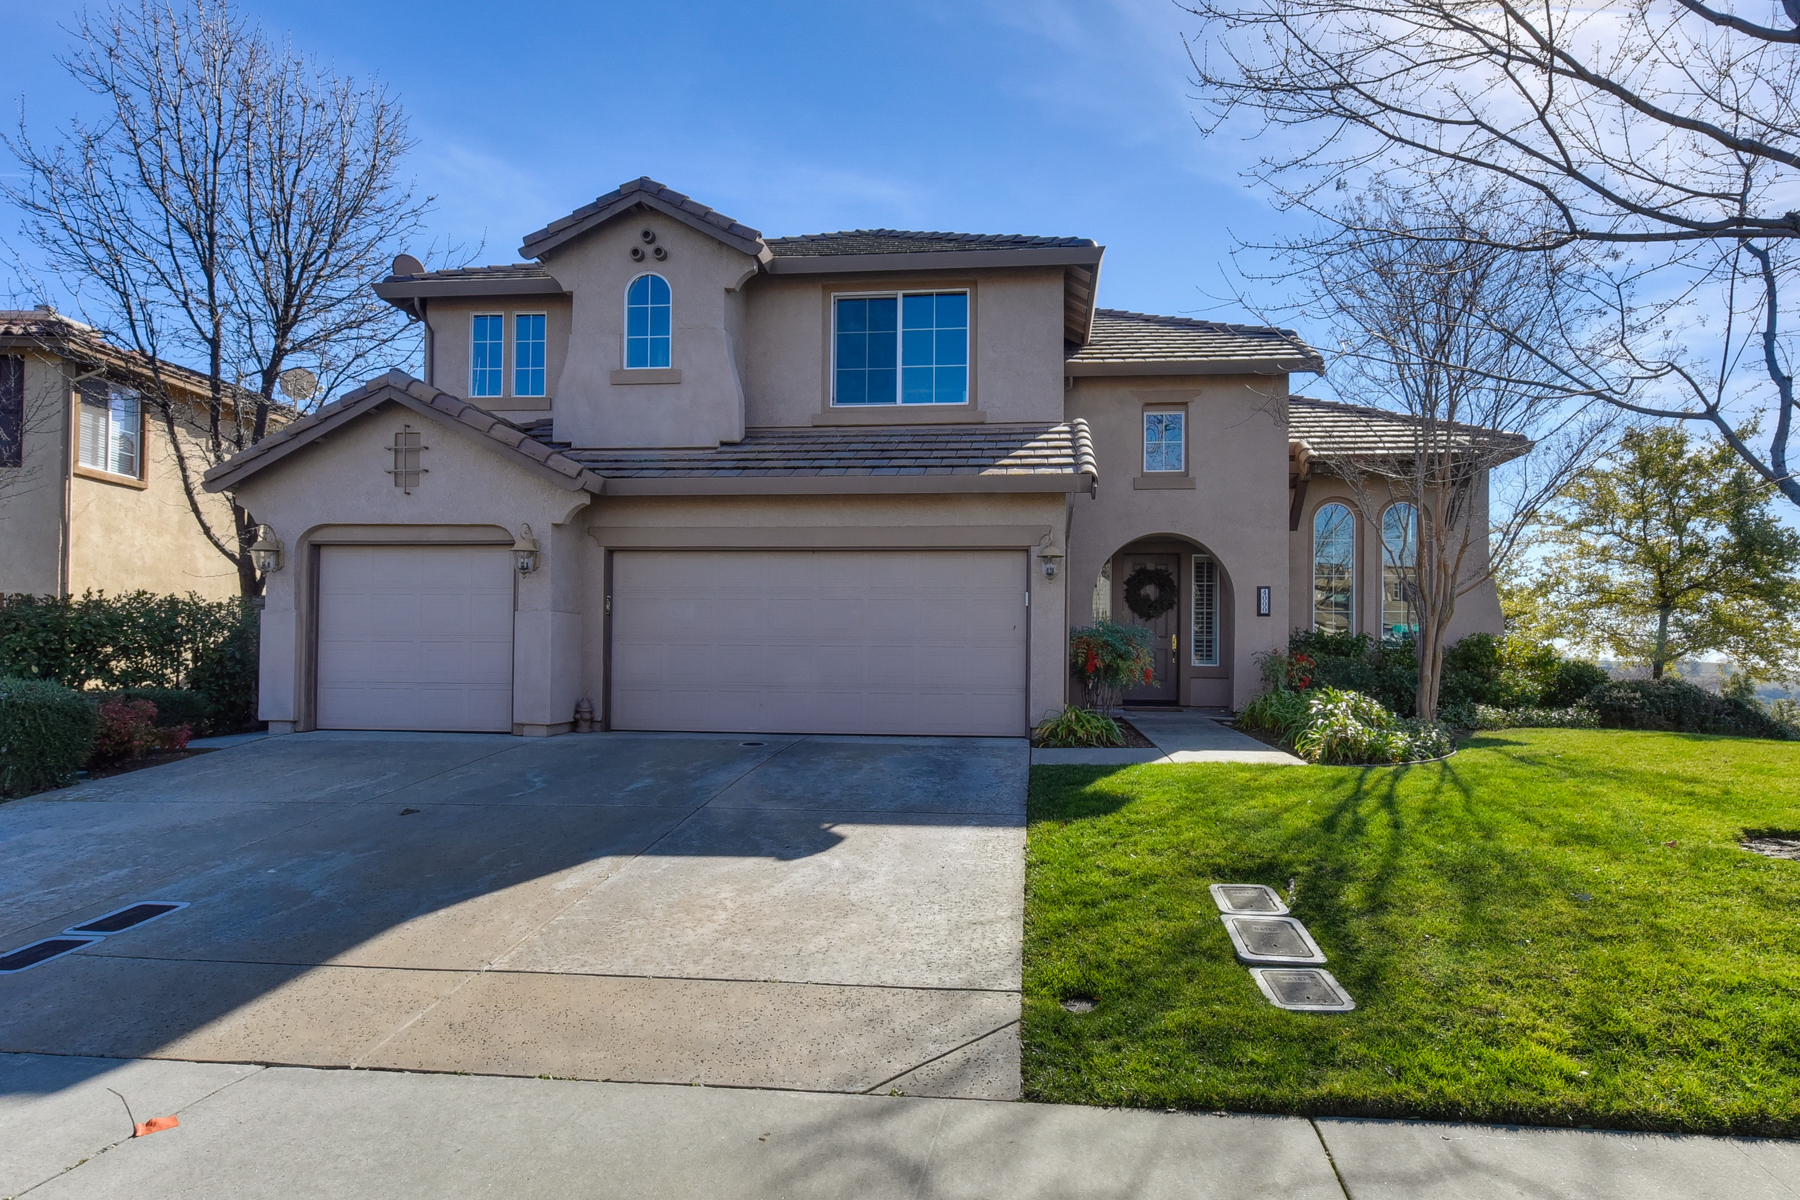 独户住宅 为 销售 在 4000 Borders Drive, El Dorado Hills, CA 95762 El Dorado Hills, 加利福尼亚州 95762 美国